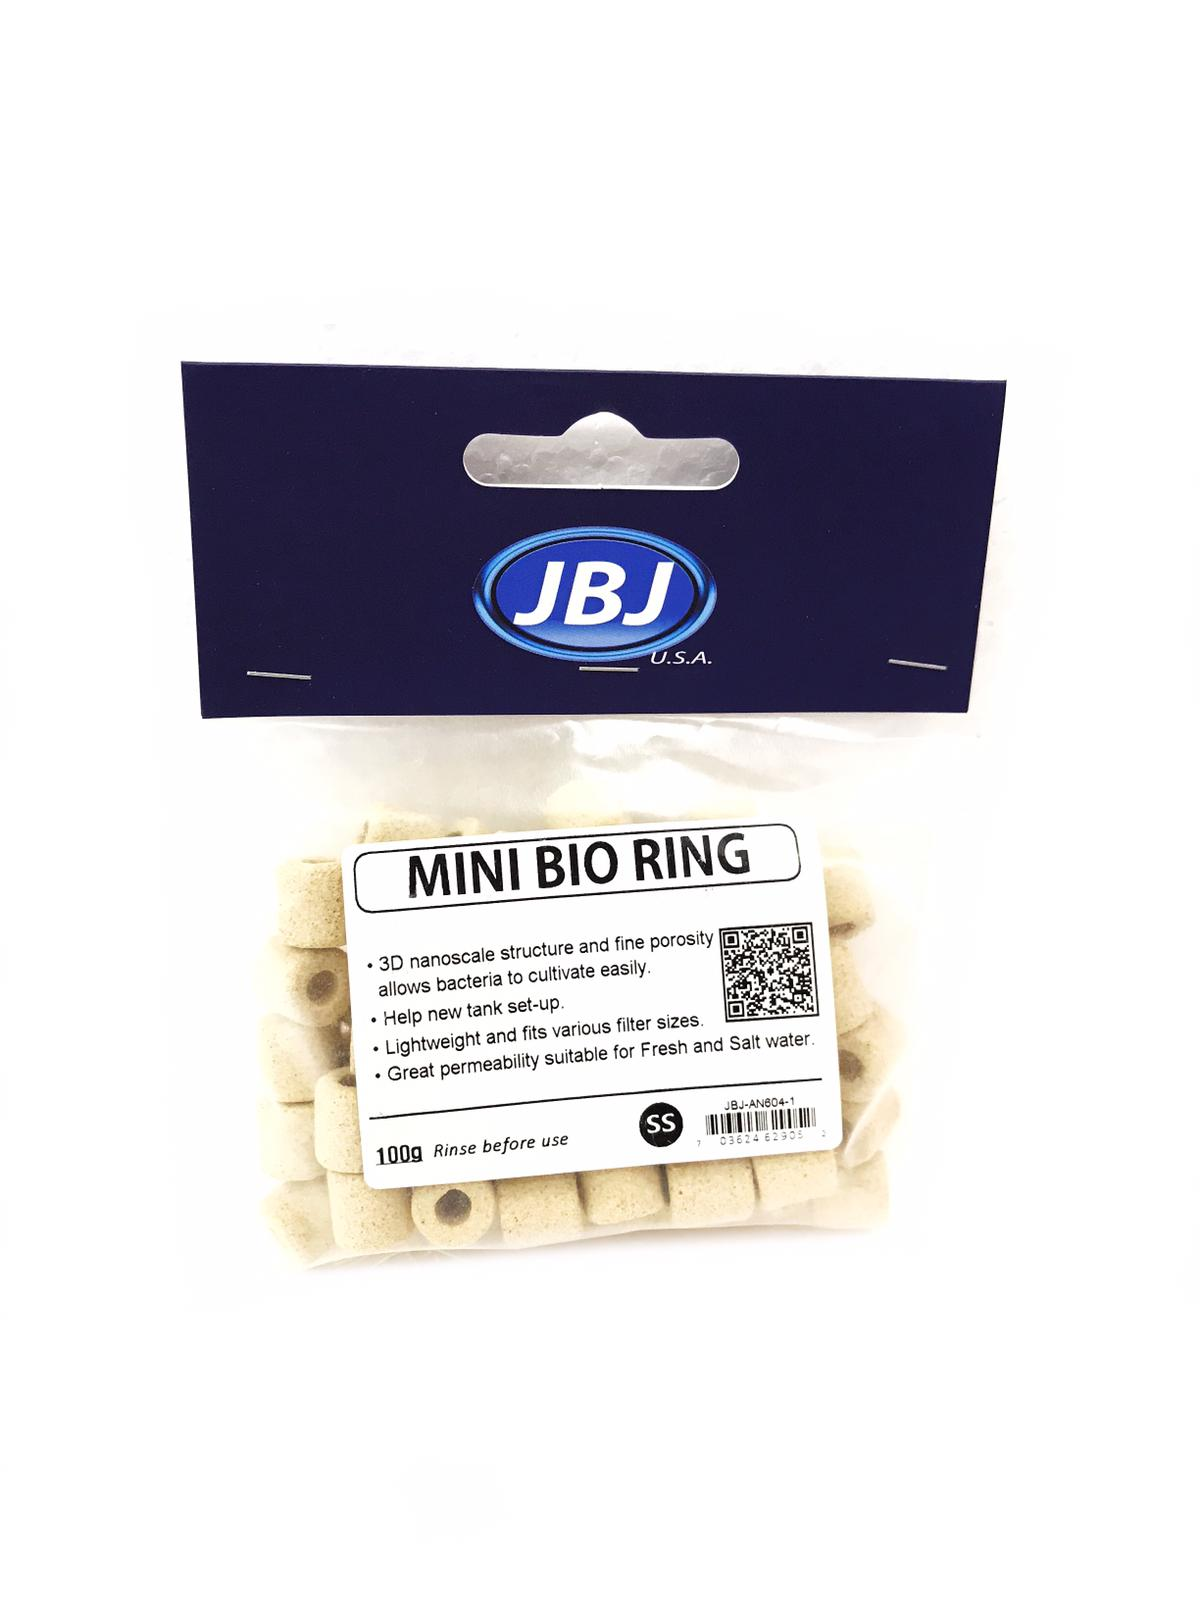 JBJ Mini Bio Ring